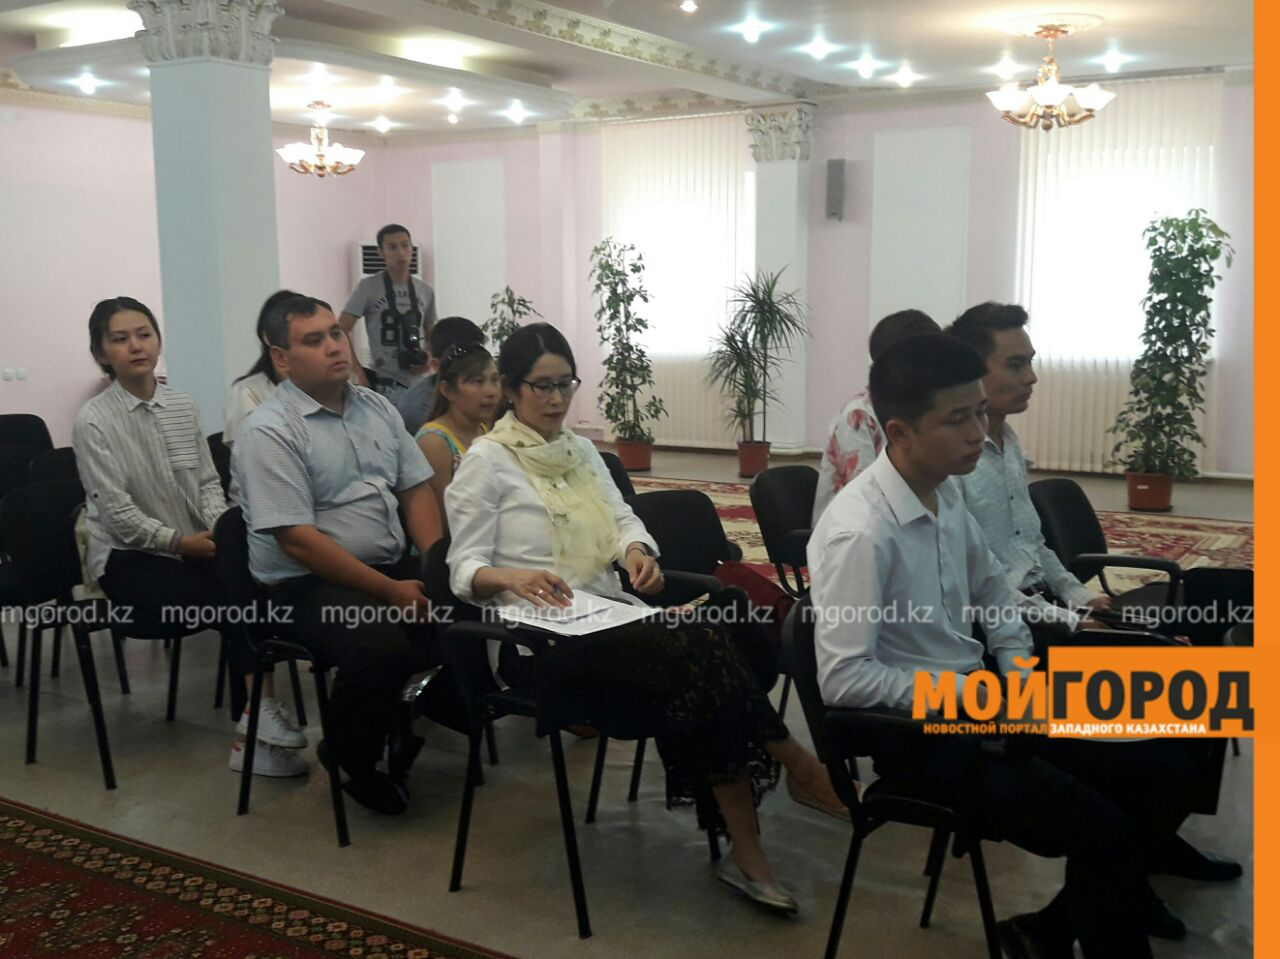 Новости Атырау - Участники скандального видео в Атырау принесли публичные извинения(ВИДЕО) atyrau_video (1)